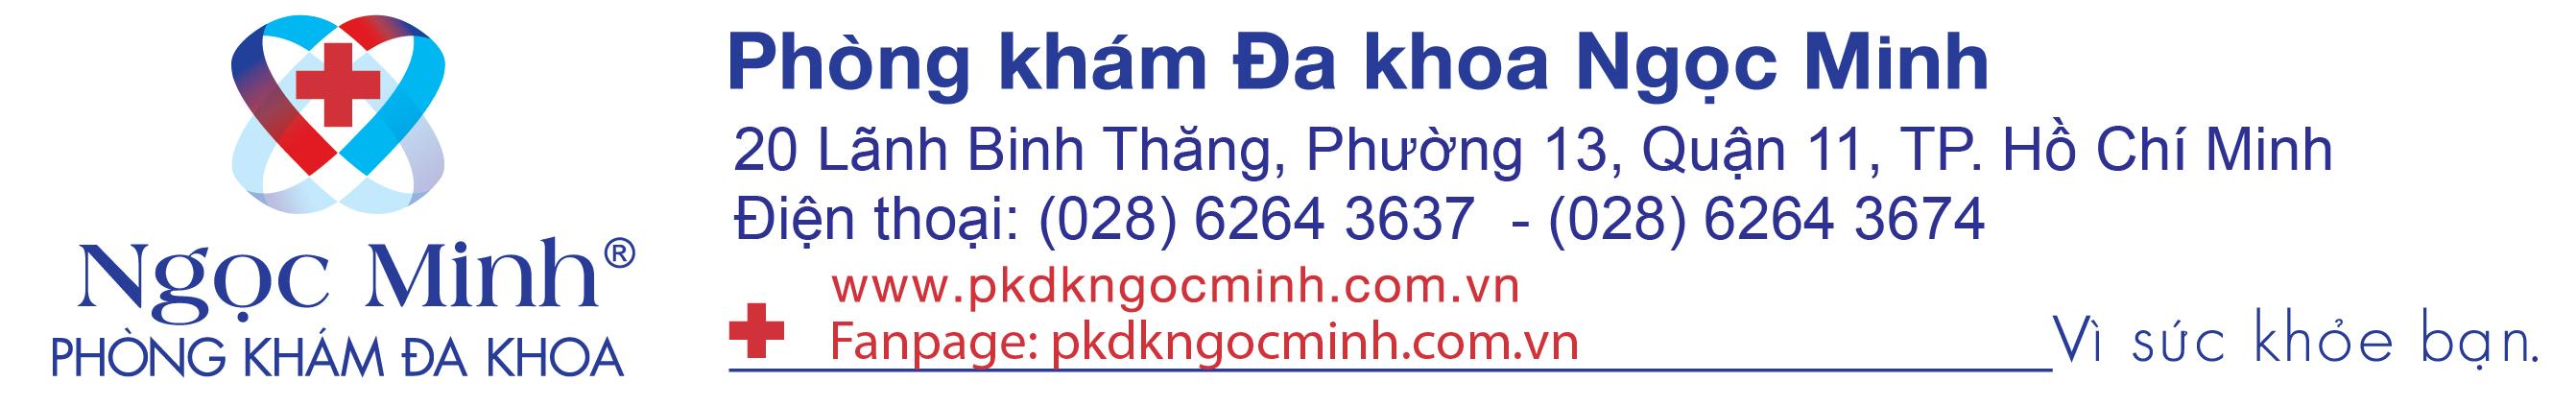 HeaderText logo  ok 12052021-01